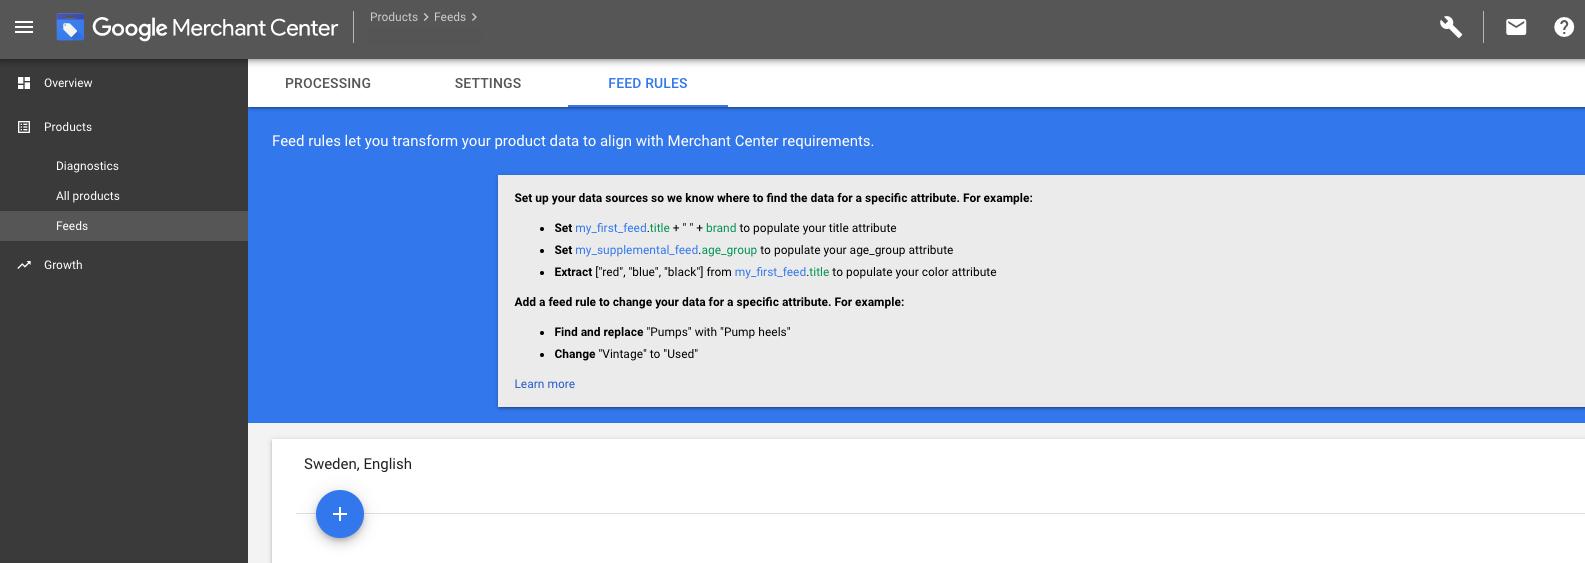 Google Merchant Center - Rules